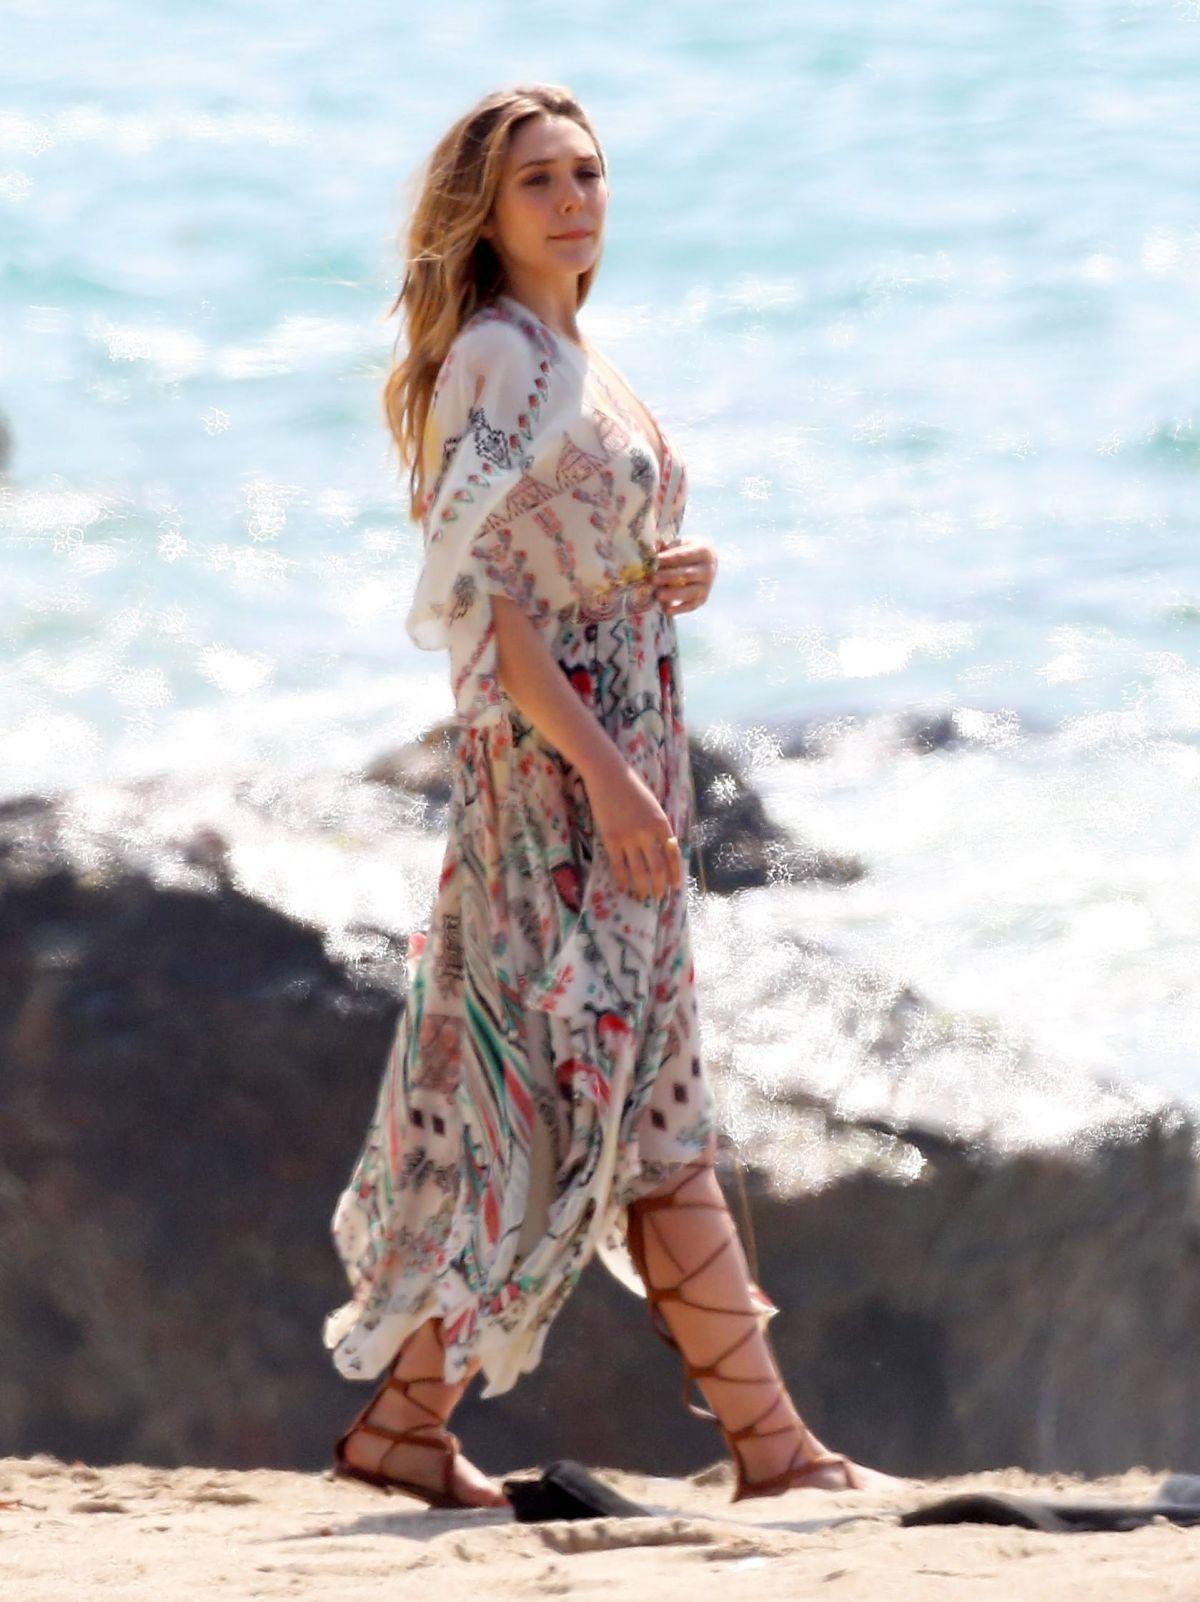 ELIZABETH OLSEN on a Photoshoot at a Beach in Malibu